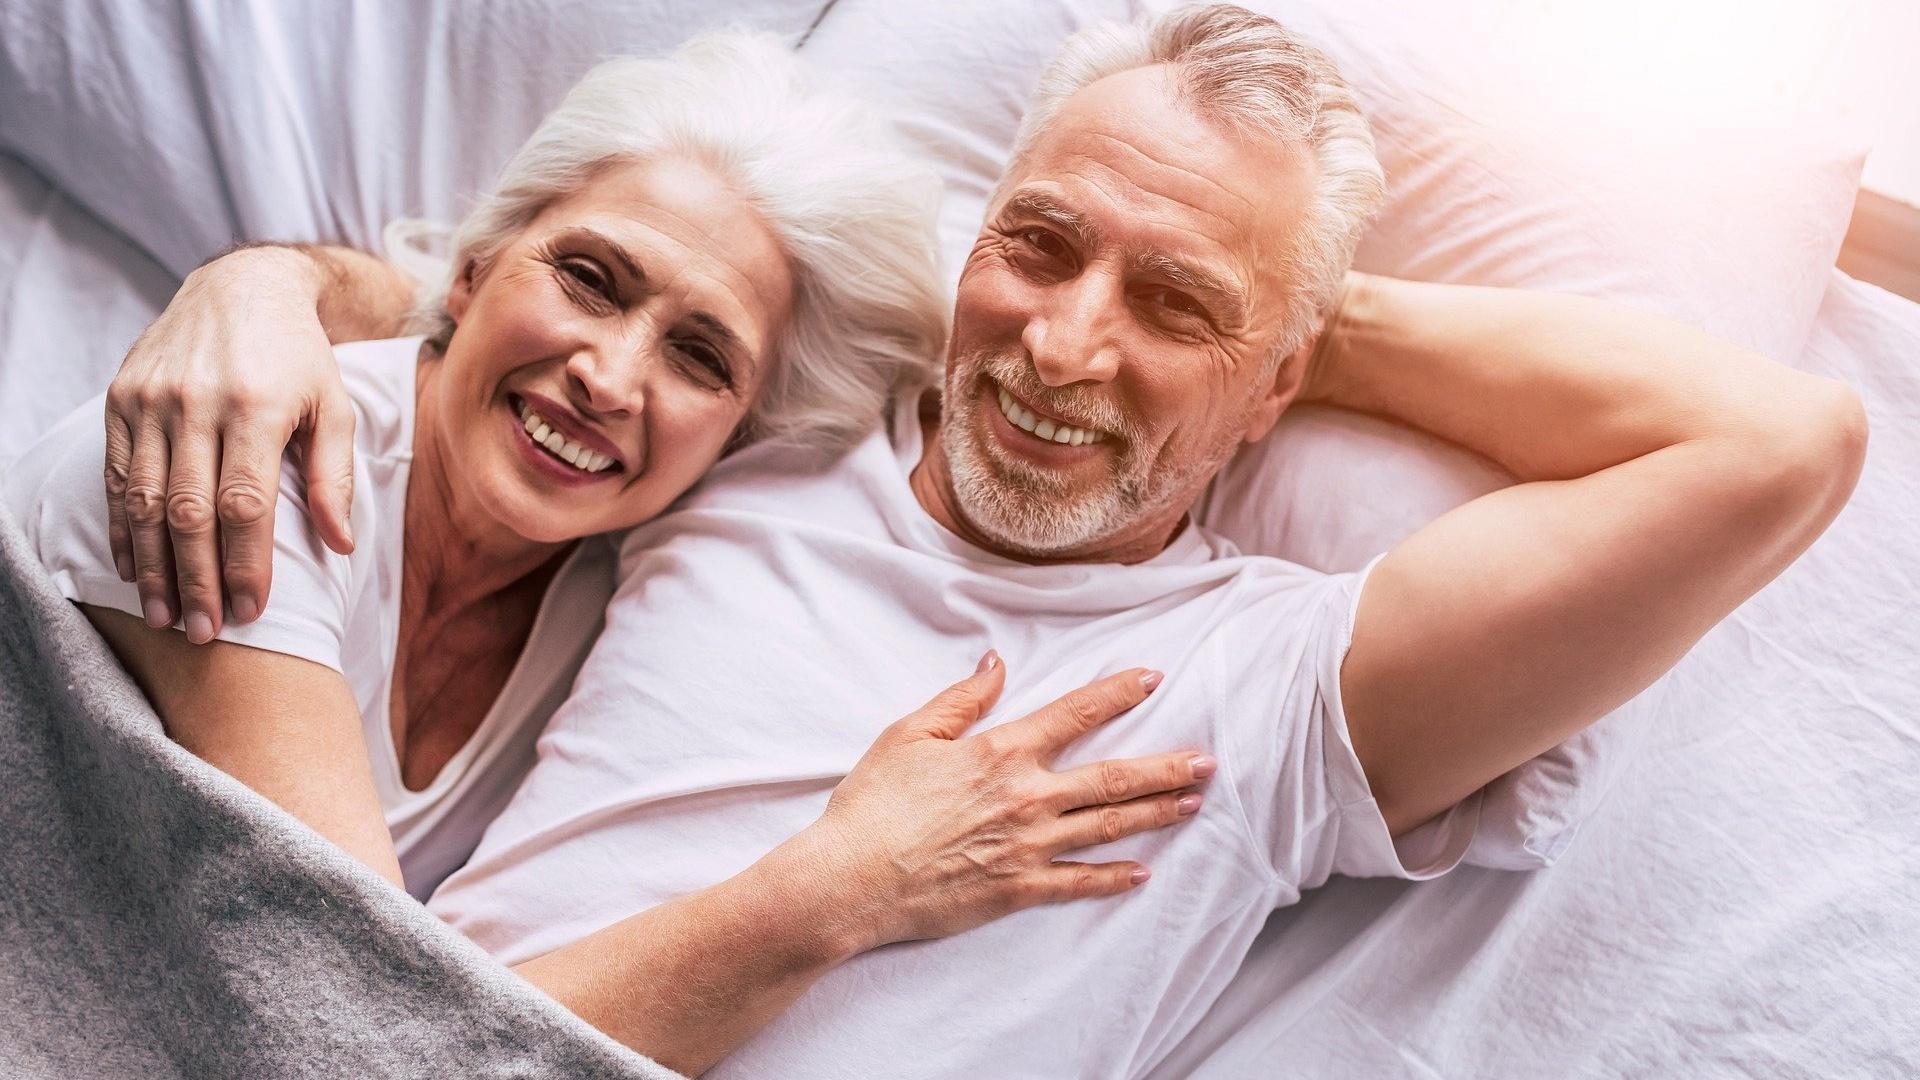 Kuscheln im Bett ist in jedem Alter schön und wichtig.